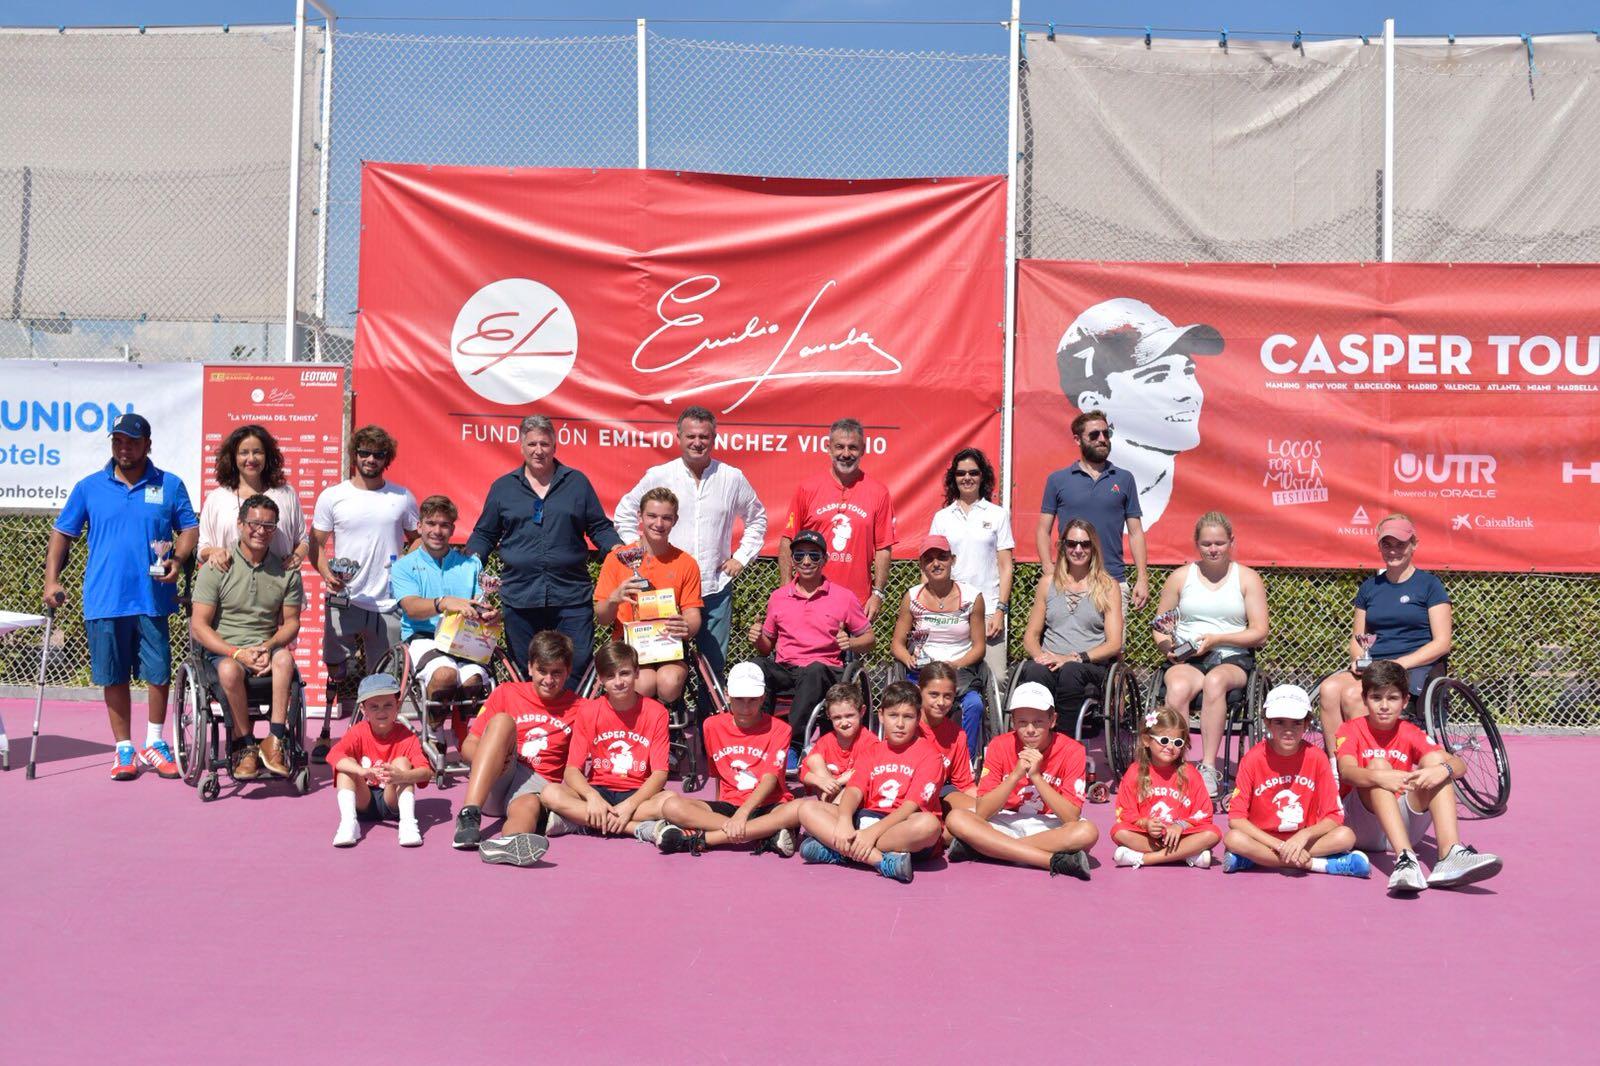 Image for Jef Vandorpe y Viktoriia Lvova campeones VII ITF Wheelchair Fundación Emilio Sánchez Vicario